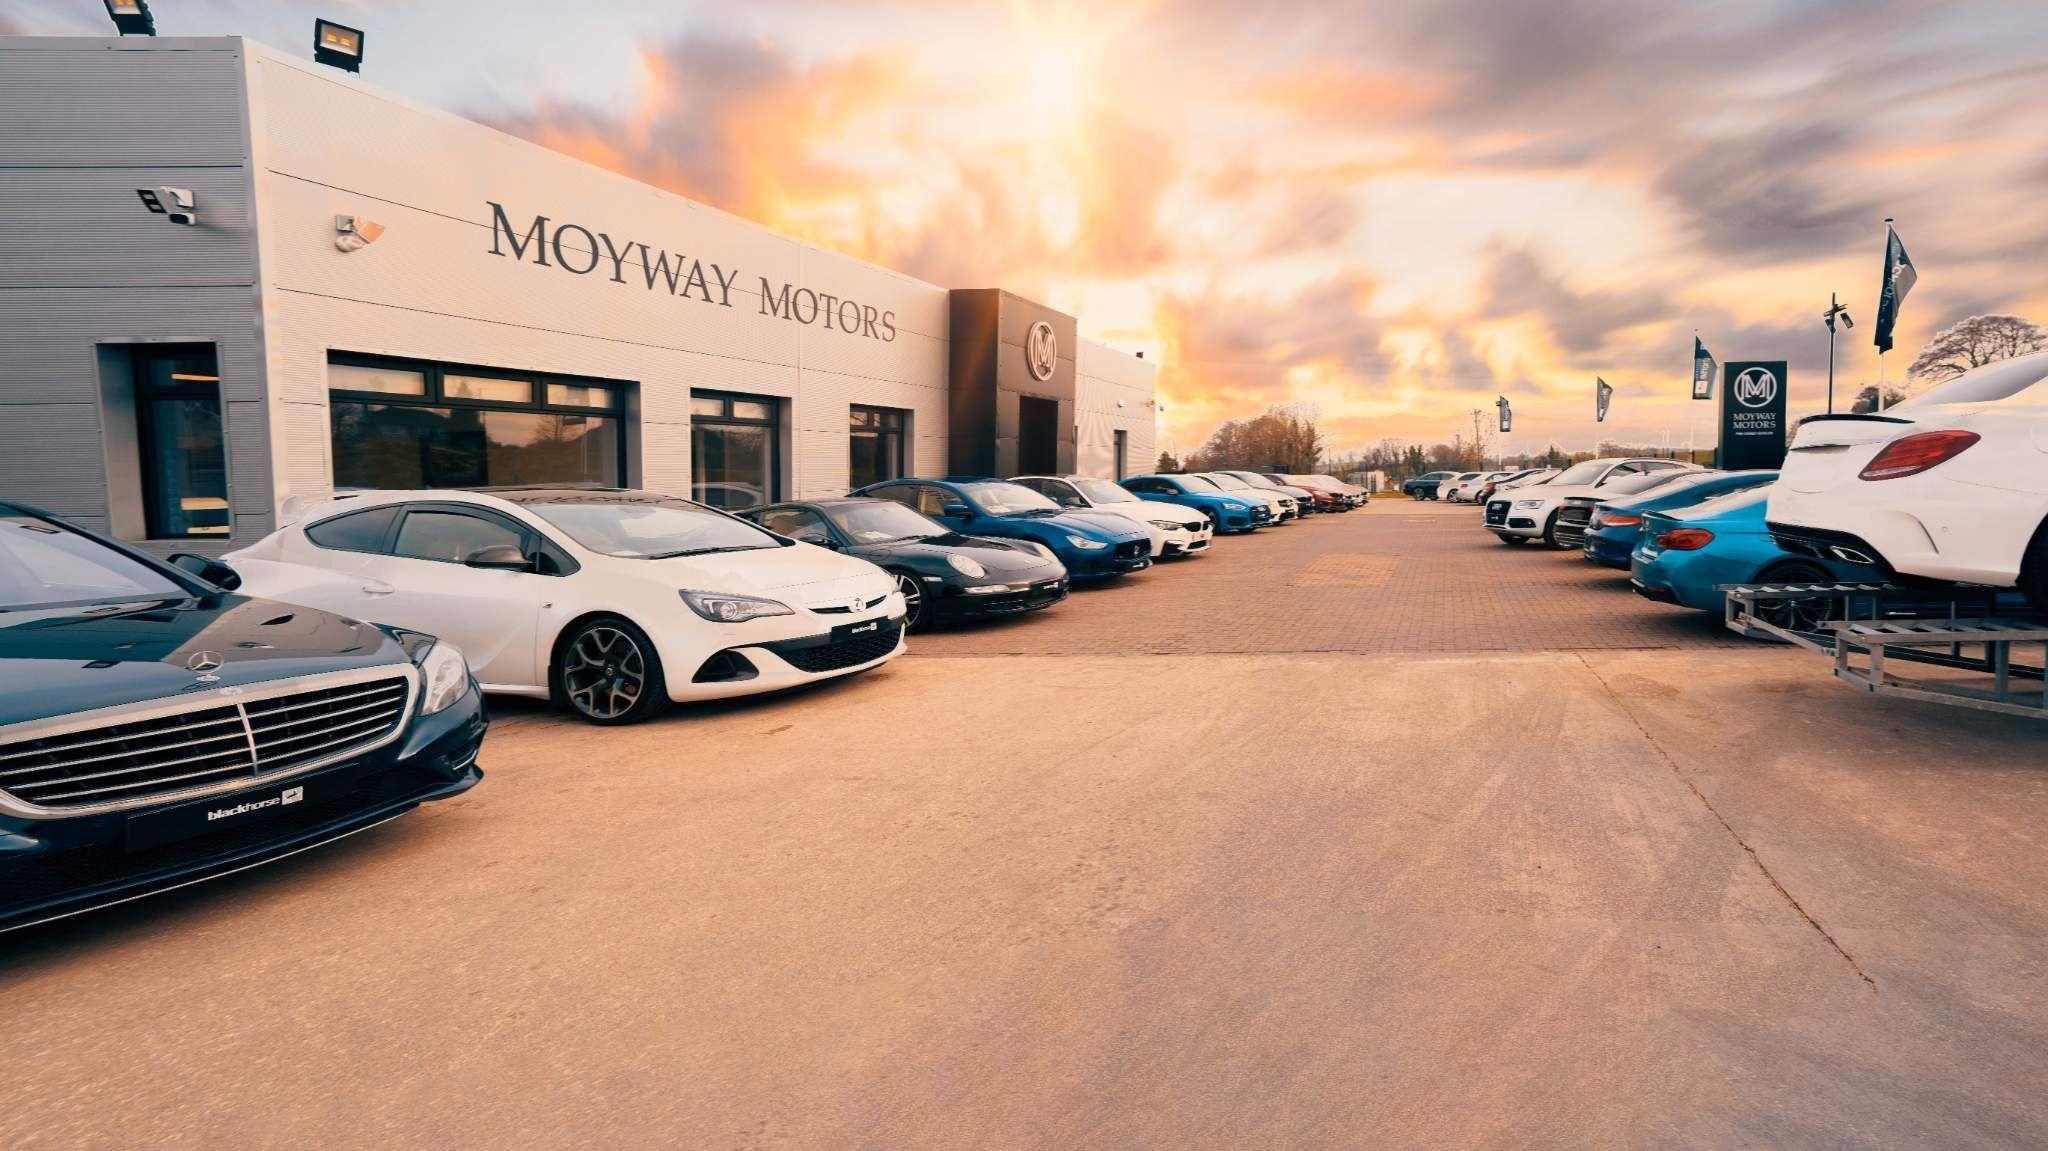 2020 Jaguar XE 2.0d R-Dynamic SE Auto (s/s) 4dr Diesel Automatic – Moyway Motors Dungannon full